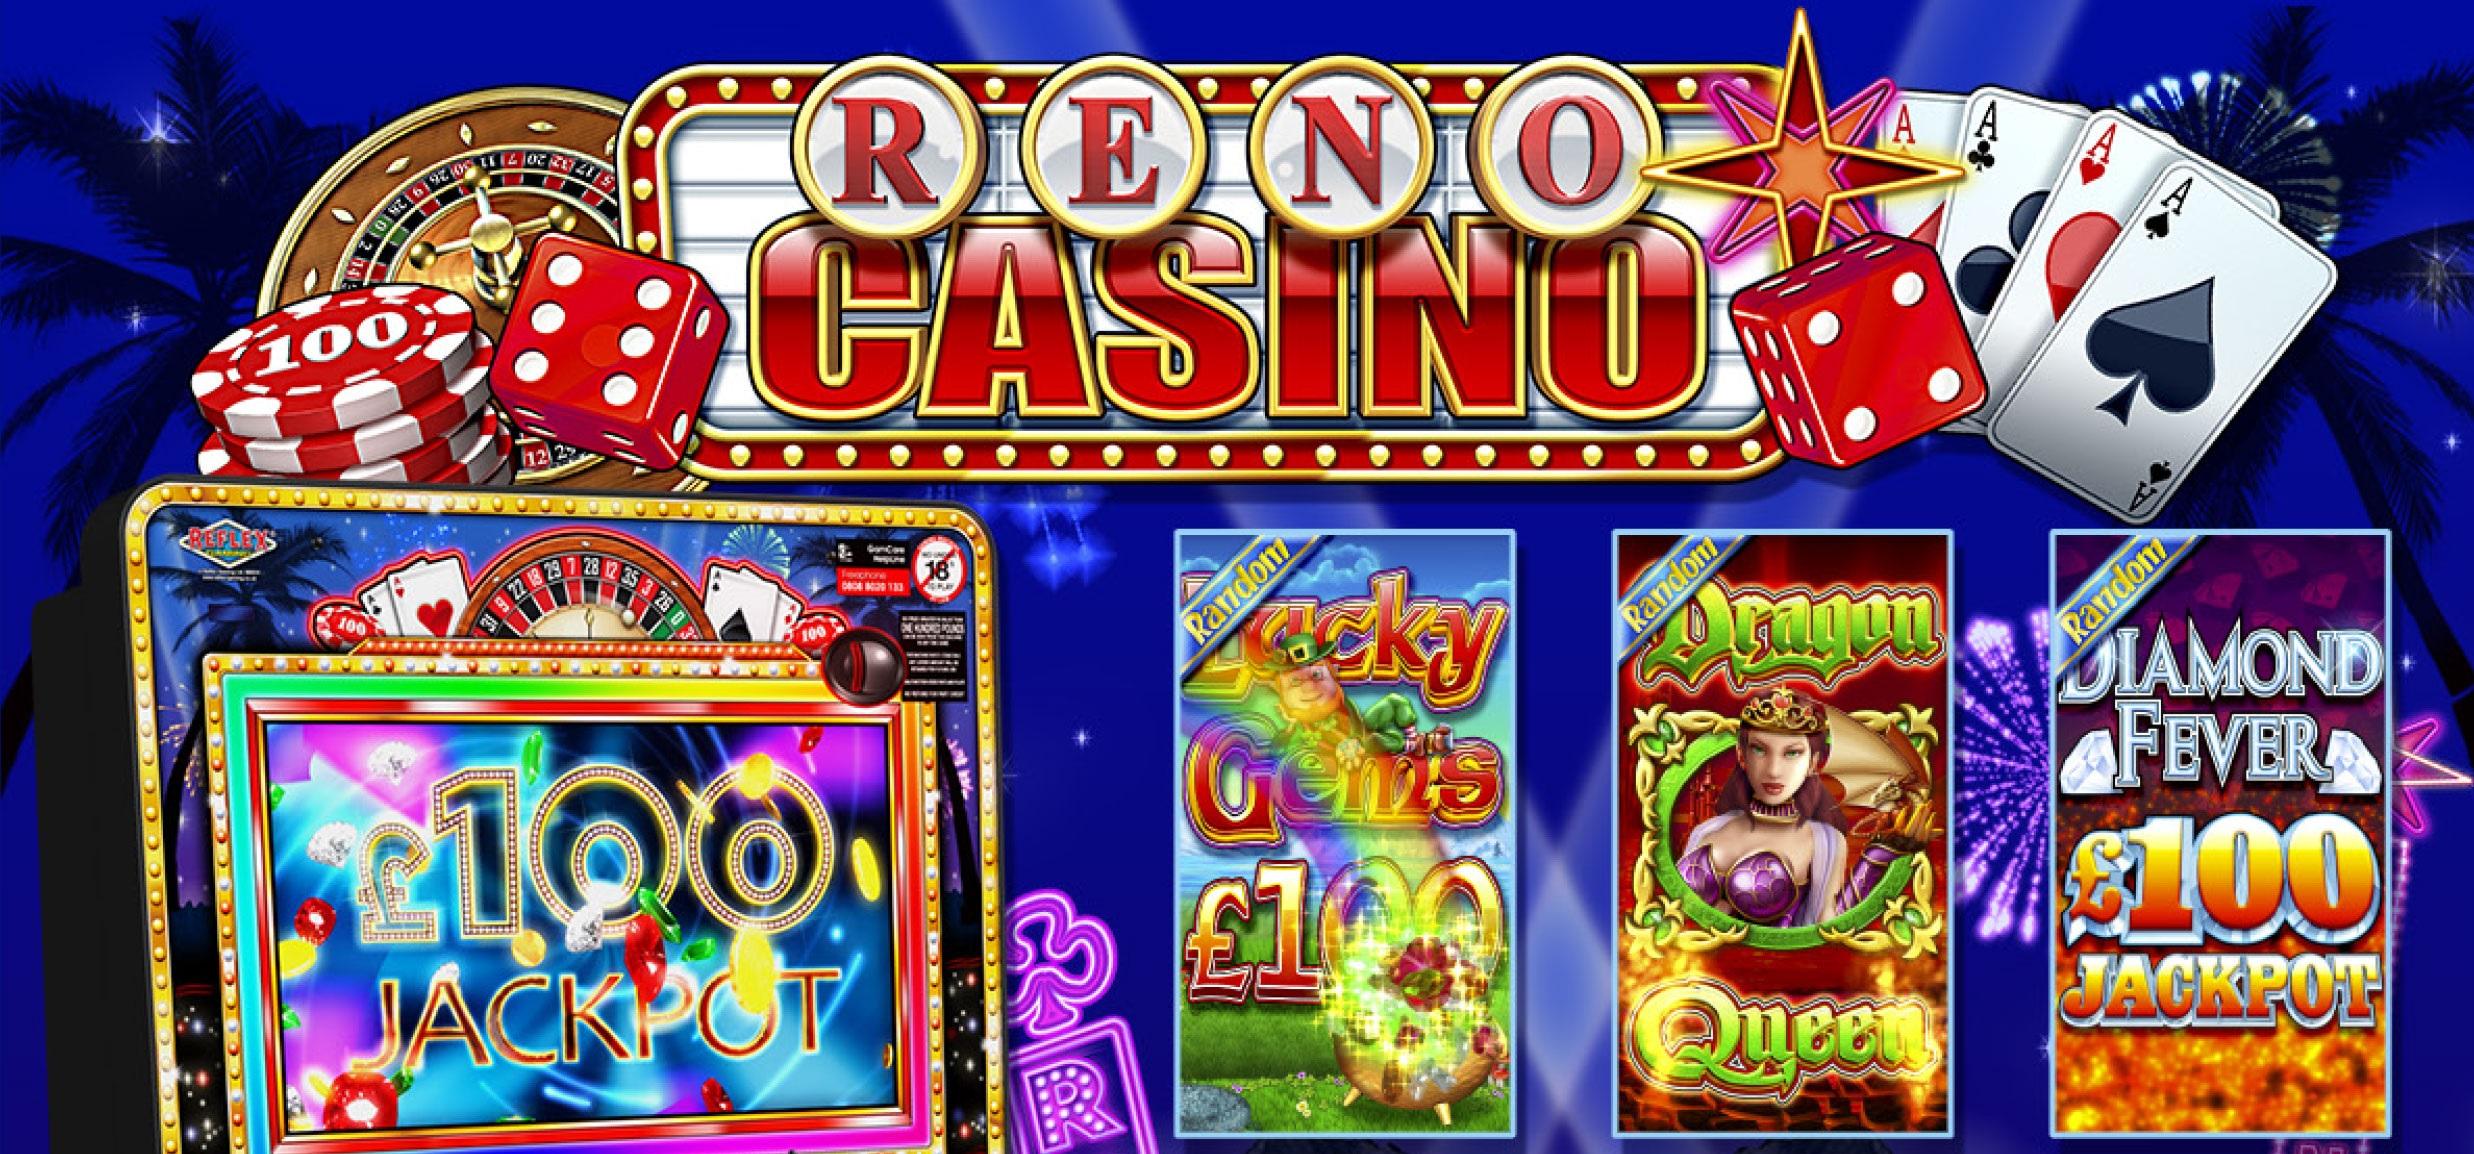 Reno Casino Cover Image